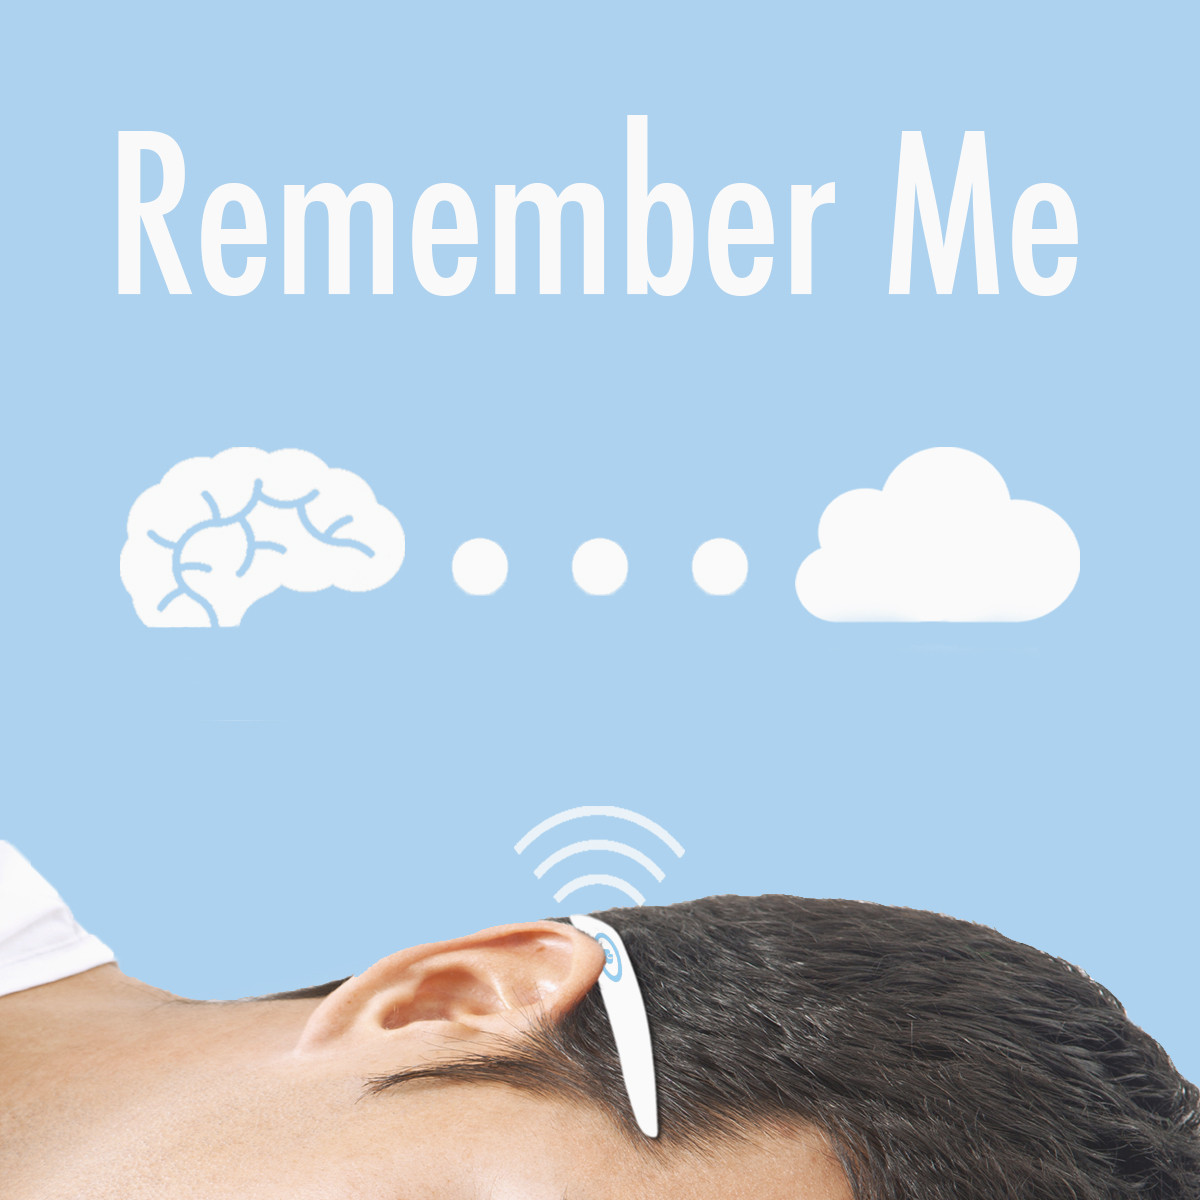 rememberMe2.jpg